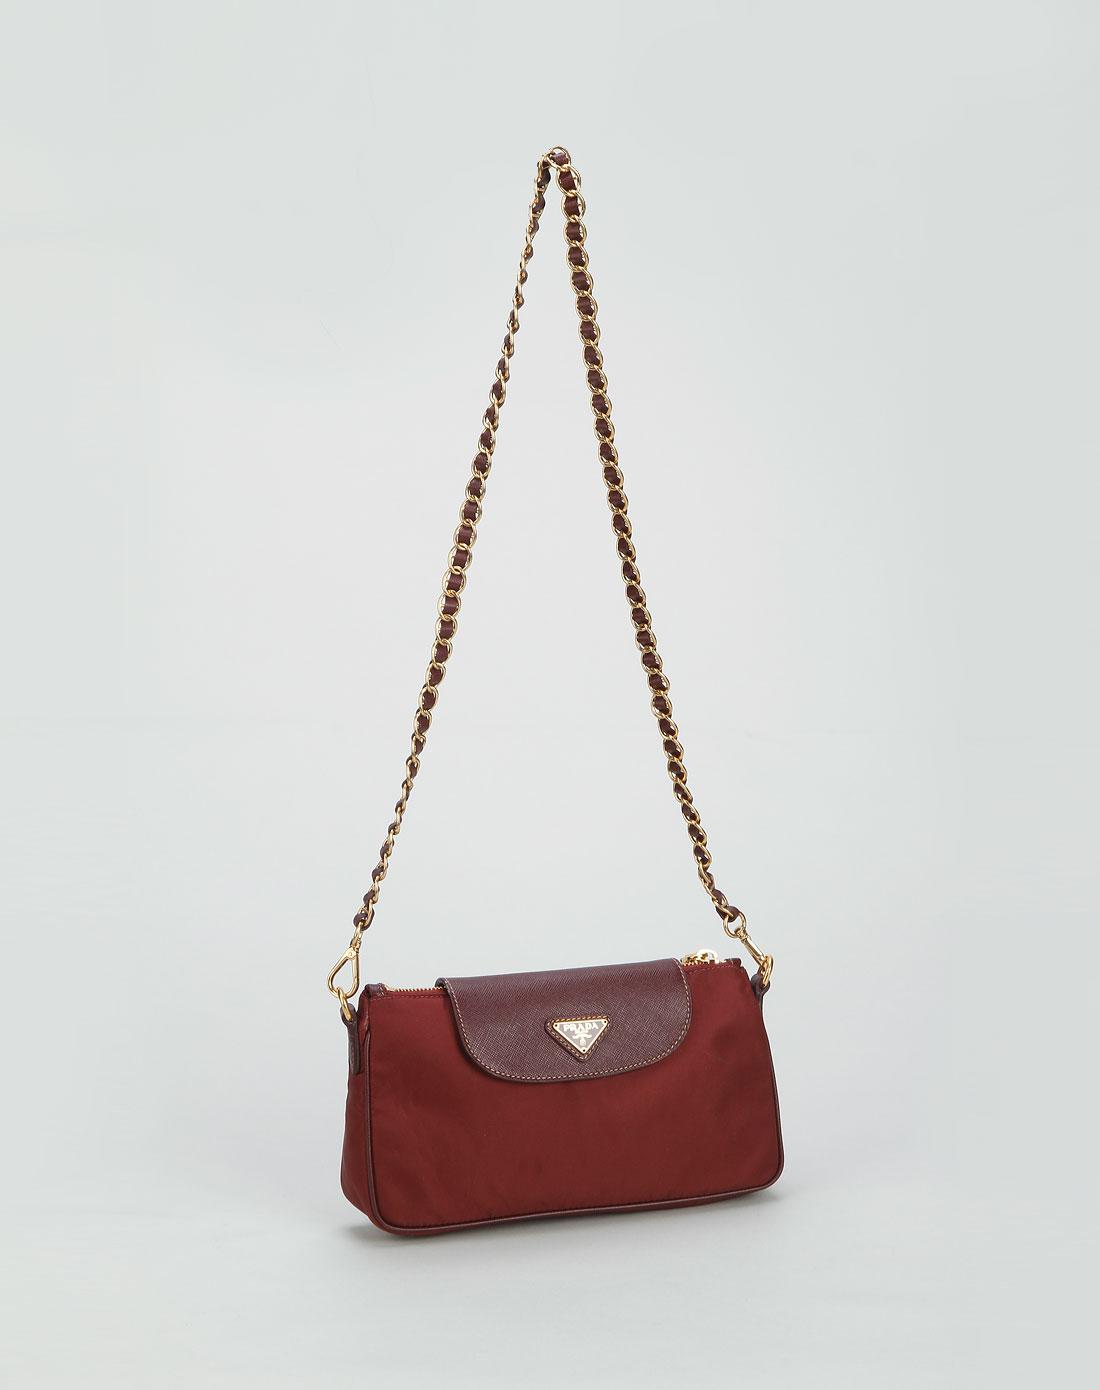 prada女款深紫红色时尚优雅单肩包bt0779amaranto